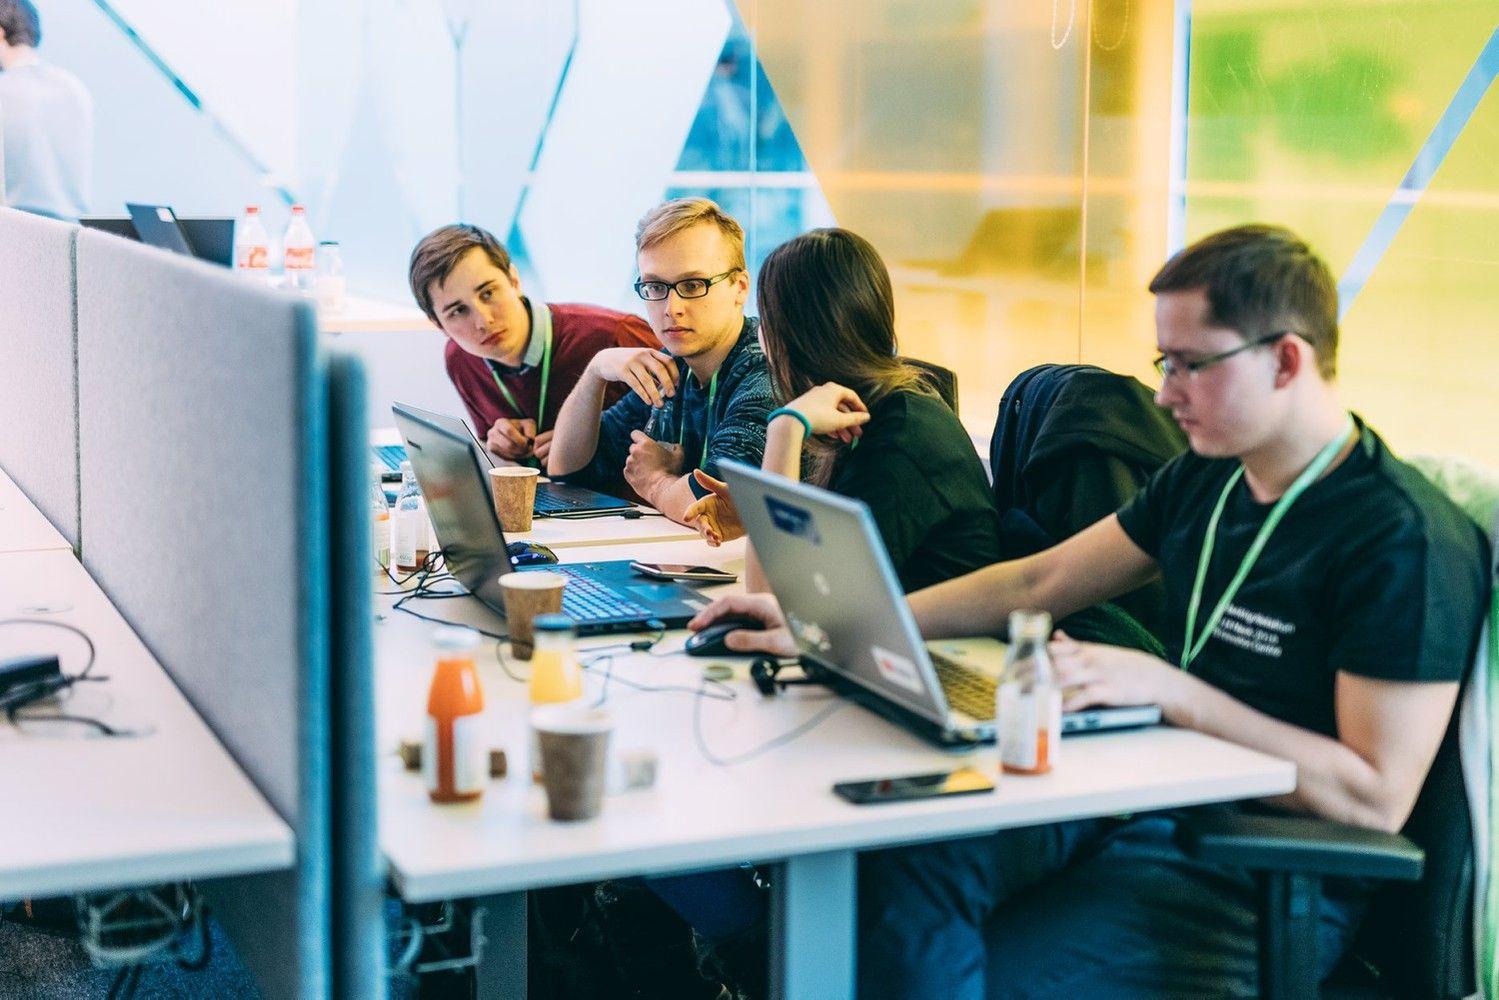 Bendradarbystės erdvės– ir darbui, ir naudingoms pažintims